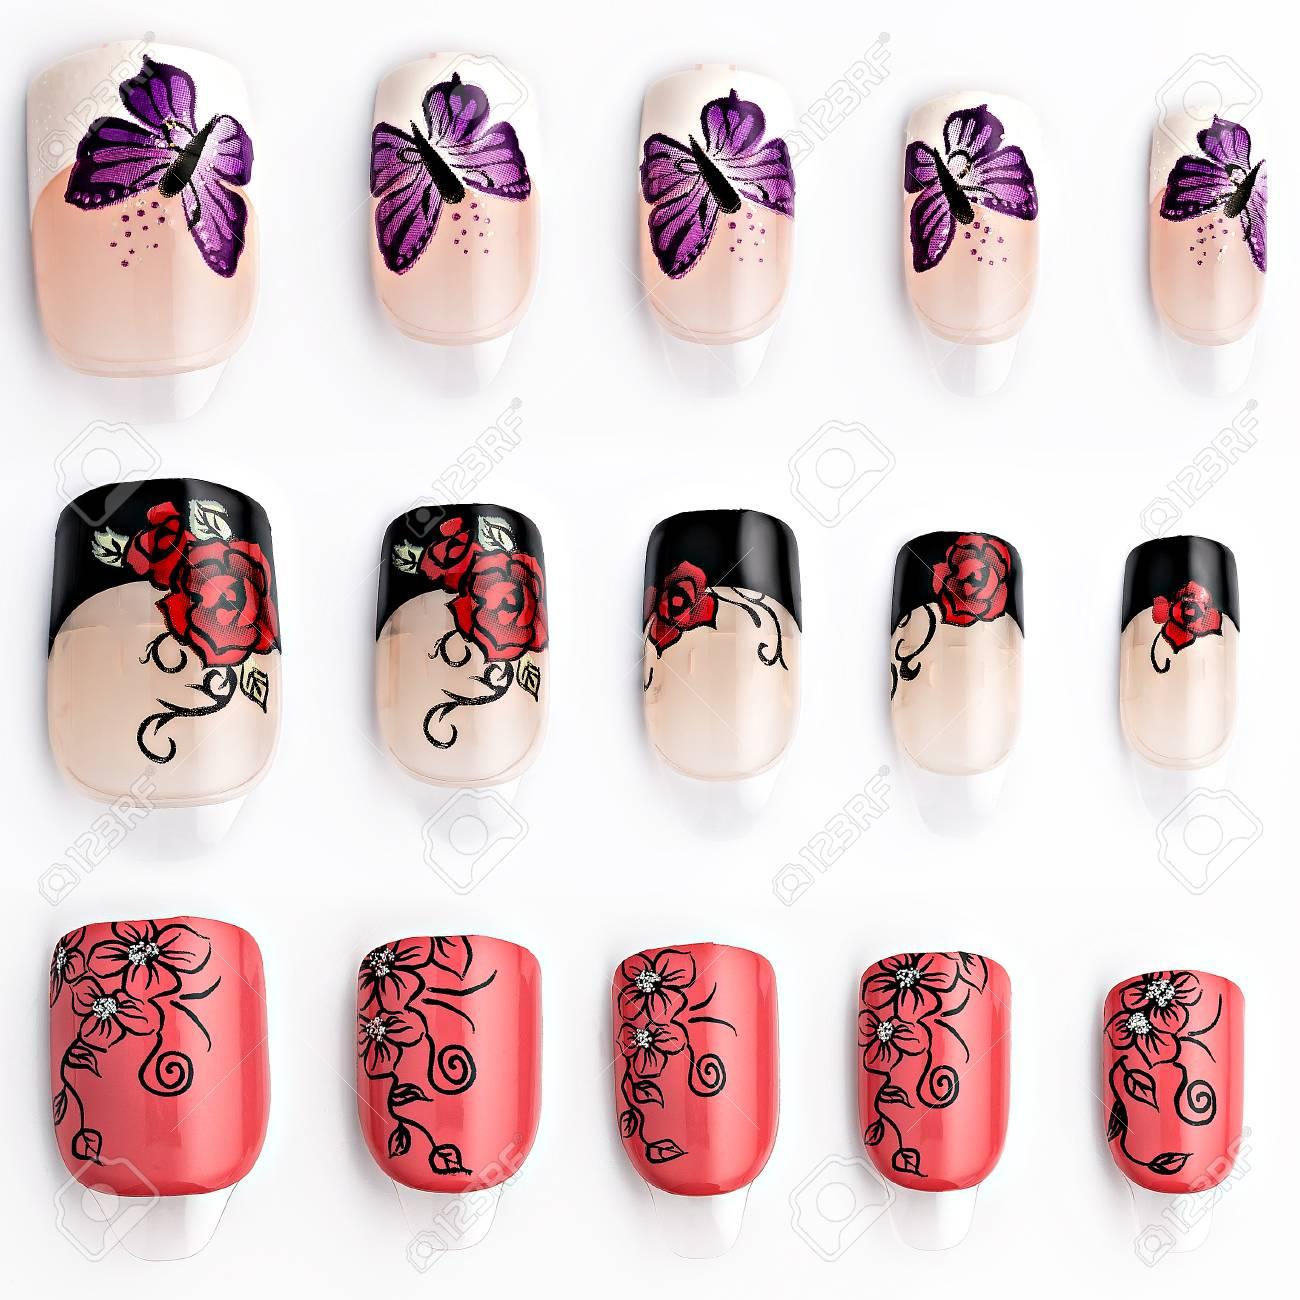 Banque d\u0027images , Ensemble de faux ongles multicolores, isolé sur fond blanc